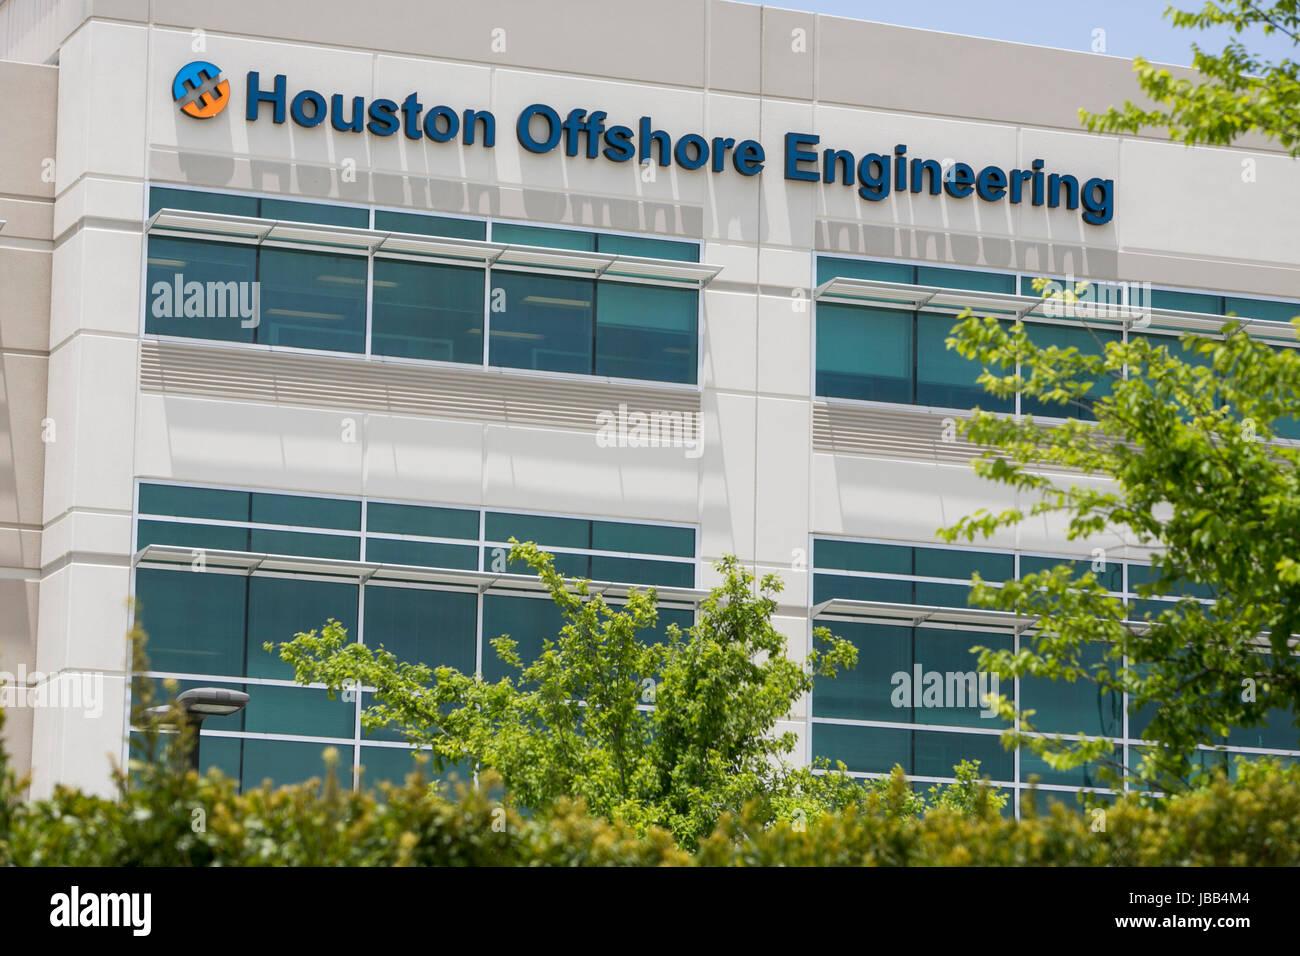 Un logo segno al di fuori della sede di Houston ingegneria offshore in Houston, Texas, il 27 maggio 2017. Immagini Stock